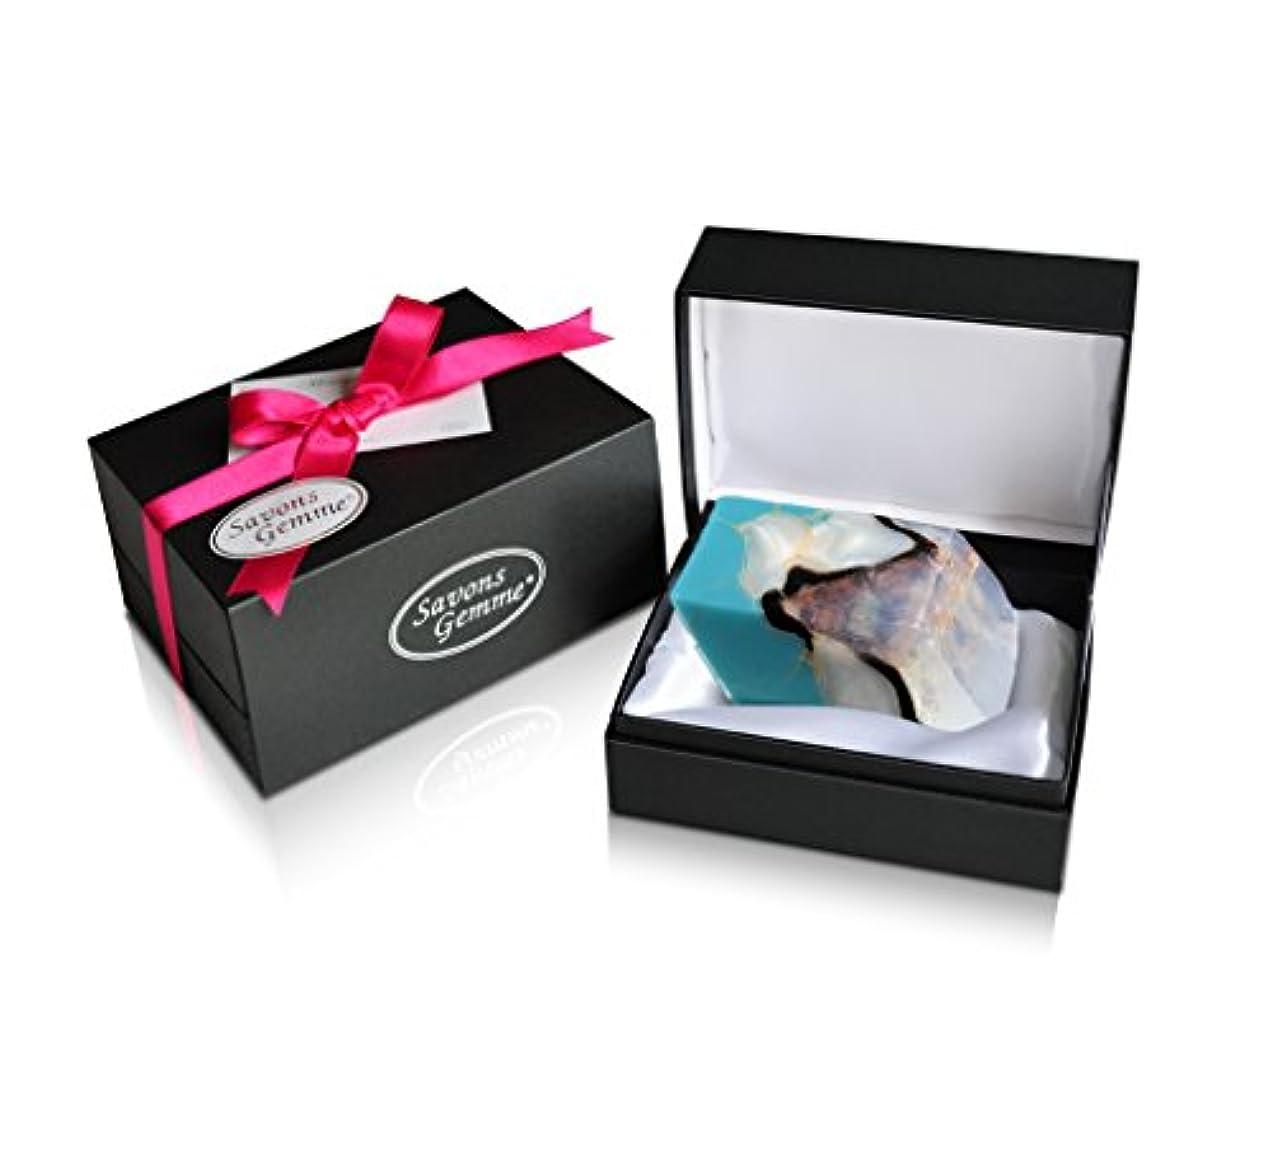 花弁パテ疲れたSavons Gemme サボンジェム ジュエリーギフトボックス 世界で一番美しい宝石石鹸 フレグランス ソープ ターコイズ 170g